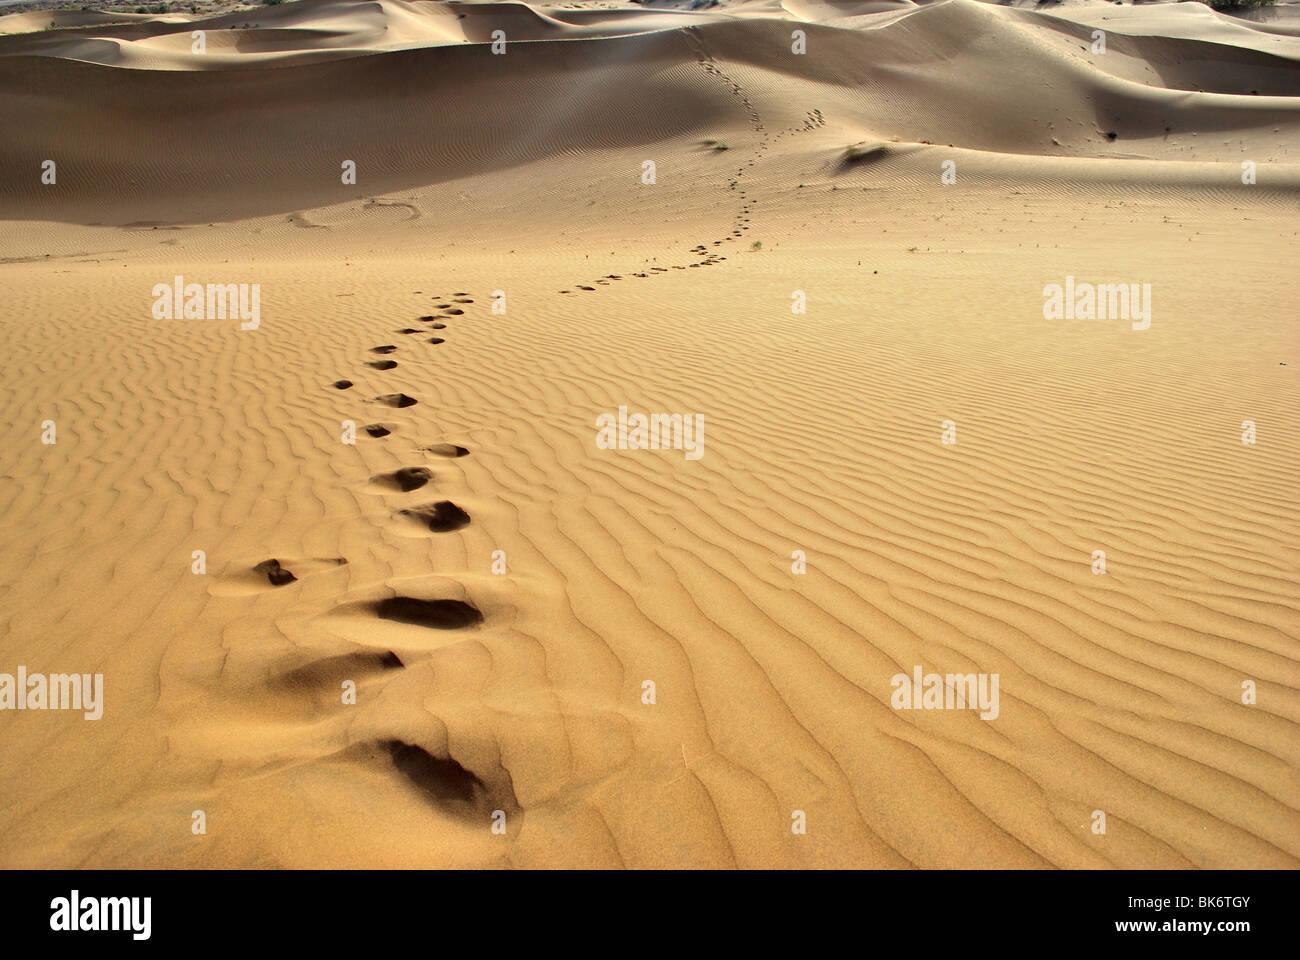 footprints in  the sand dunes, Thar Desert - Stock Image